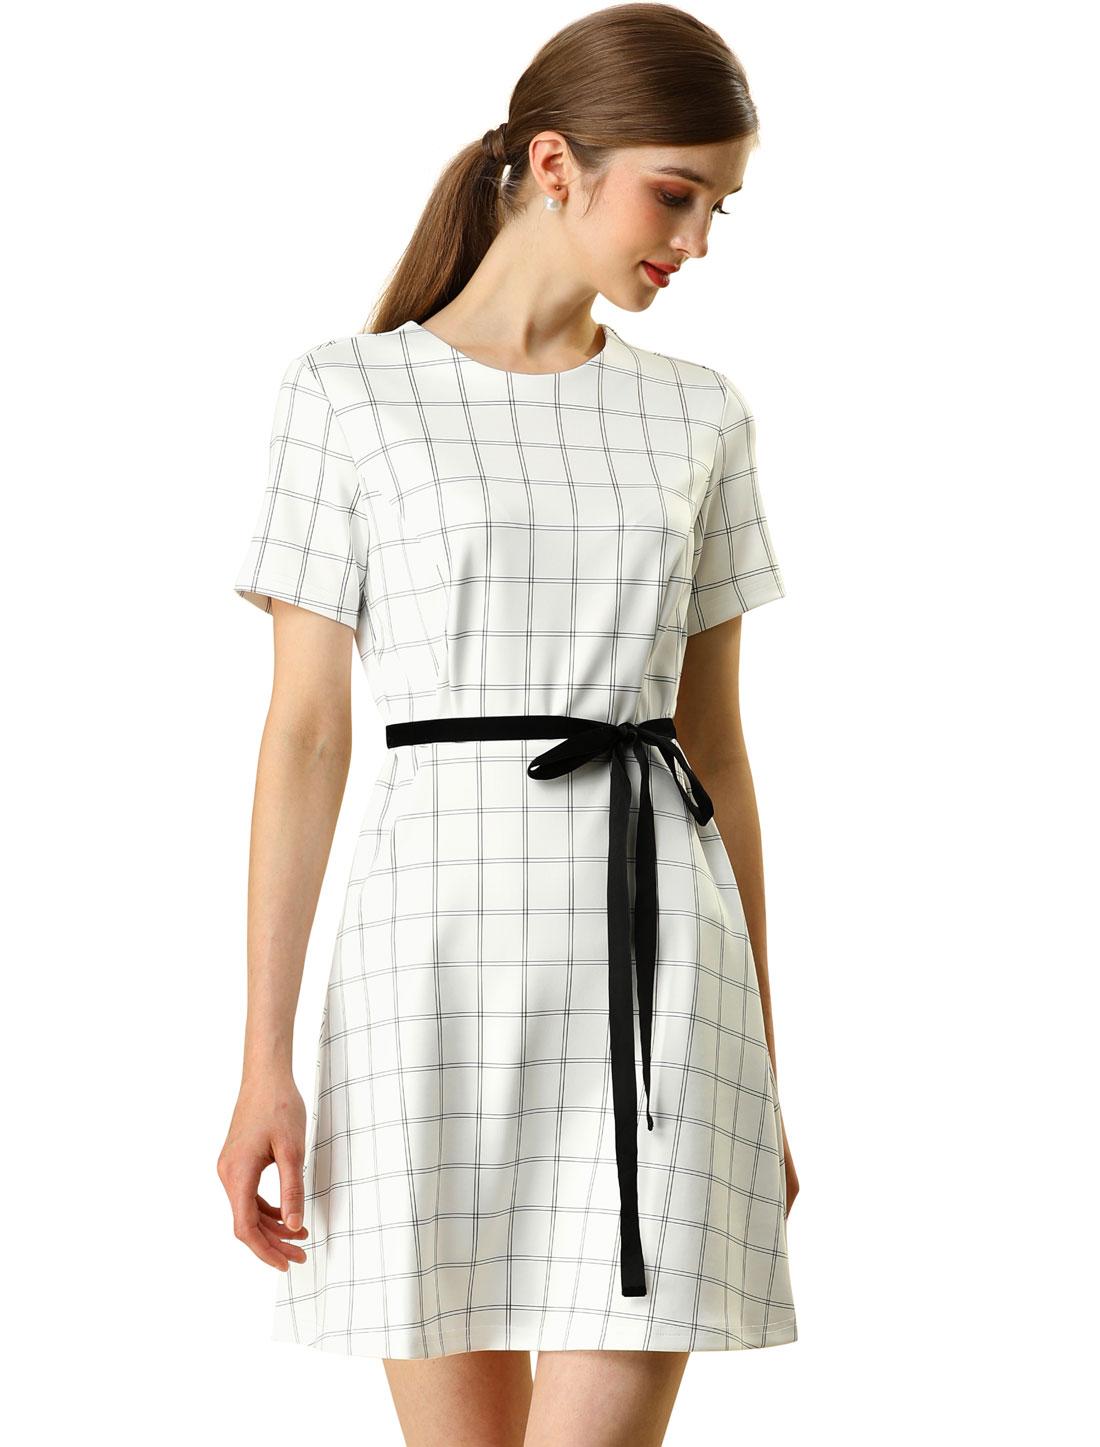 Allegra K Women's Elegant Work Tie Waist Plaid A-line Dress White XL